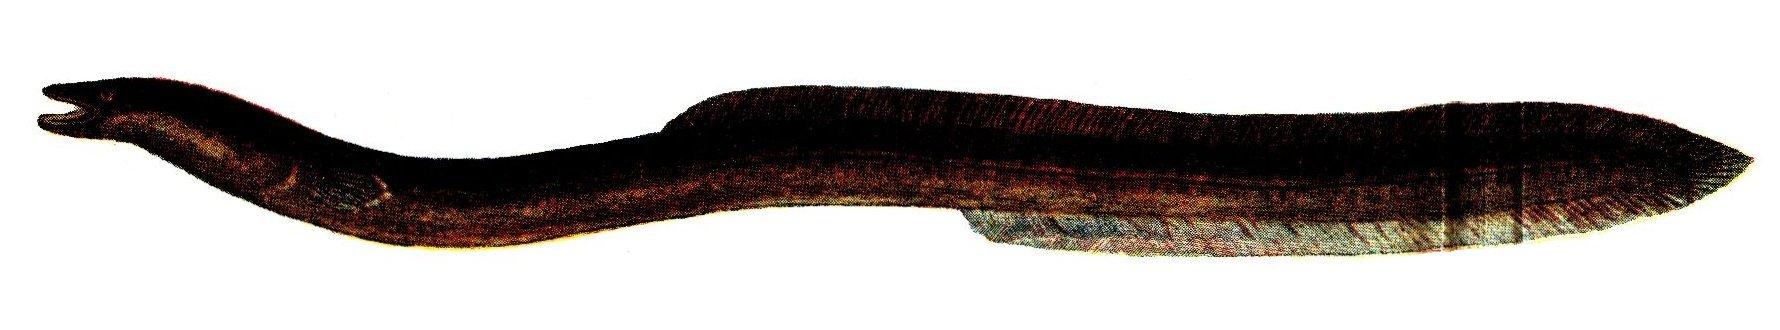 Батипелагический угорь фото